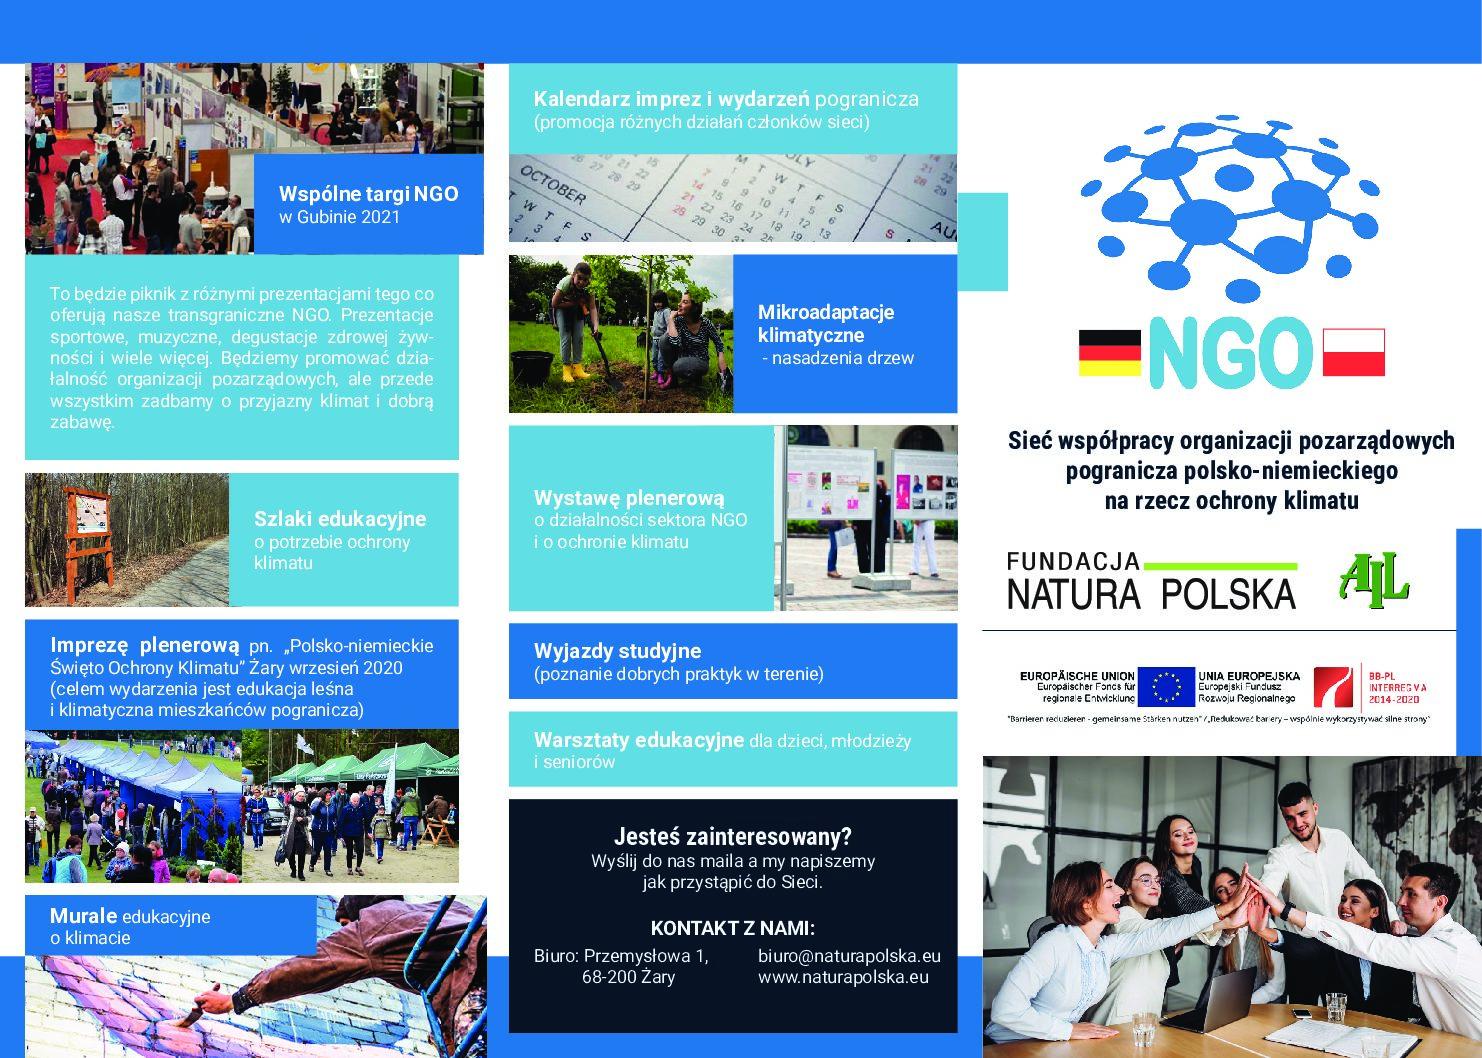 Zaproszenie do udziału w projekcie realizowanym przez Fundację Natura Polska